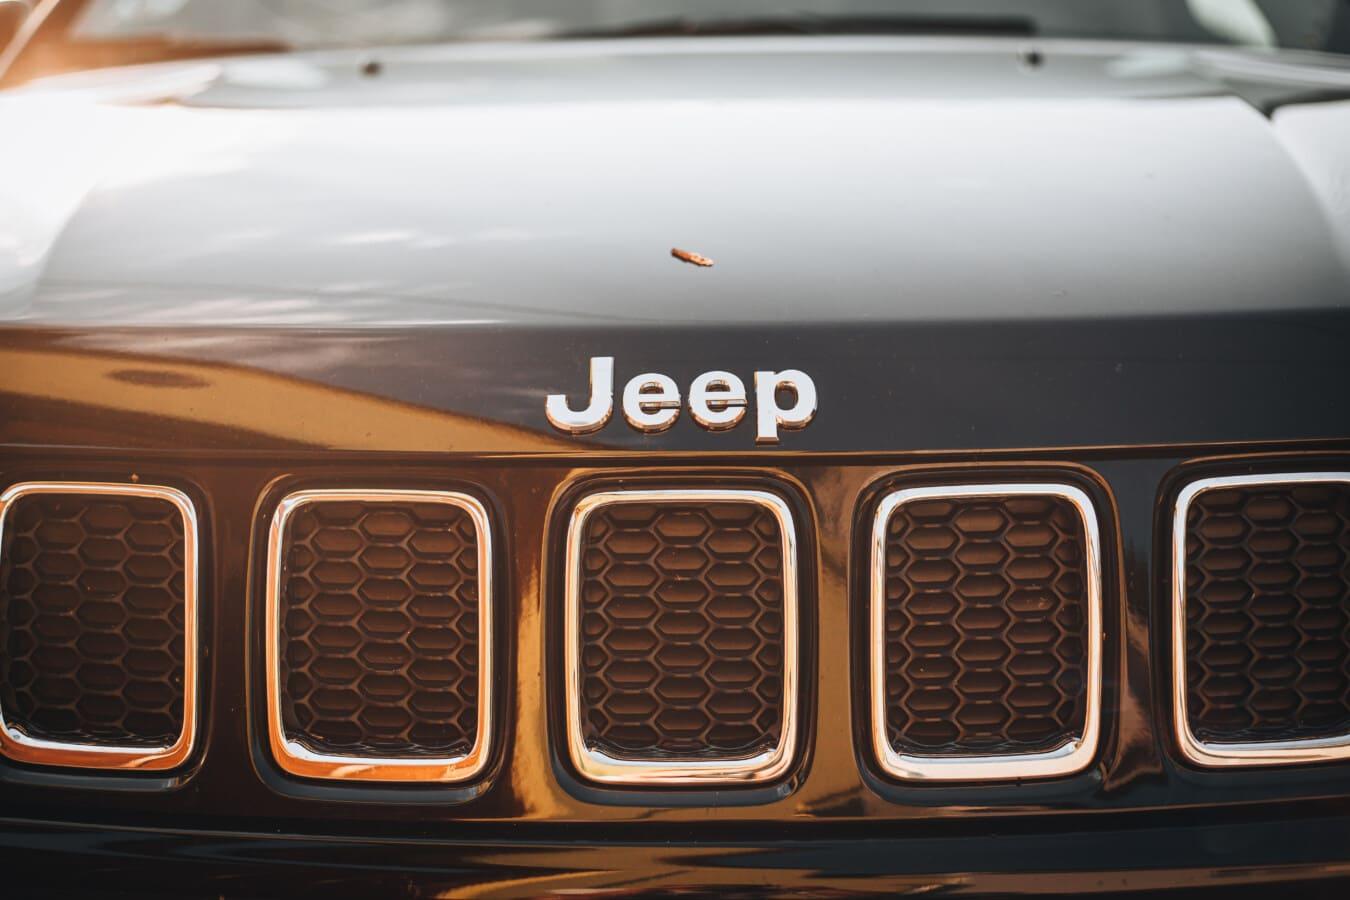 Reflexion, Sonnenlicht, Jeep, Auto, Fahrzeug, Chrom, Kühlergrill, Klassiker, Luxus, Haube